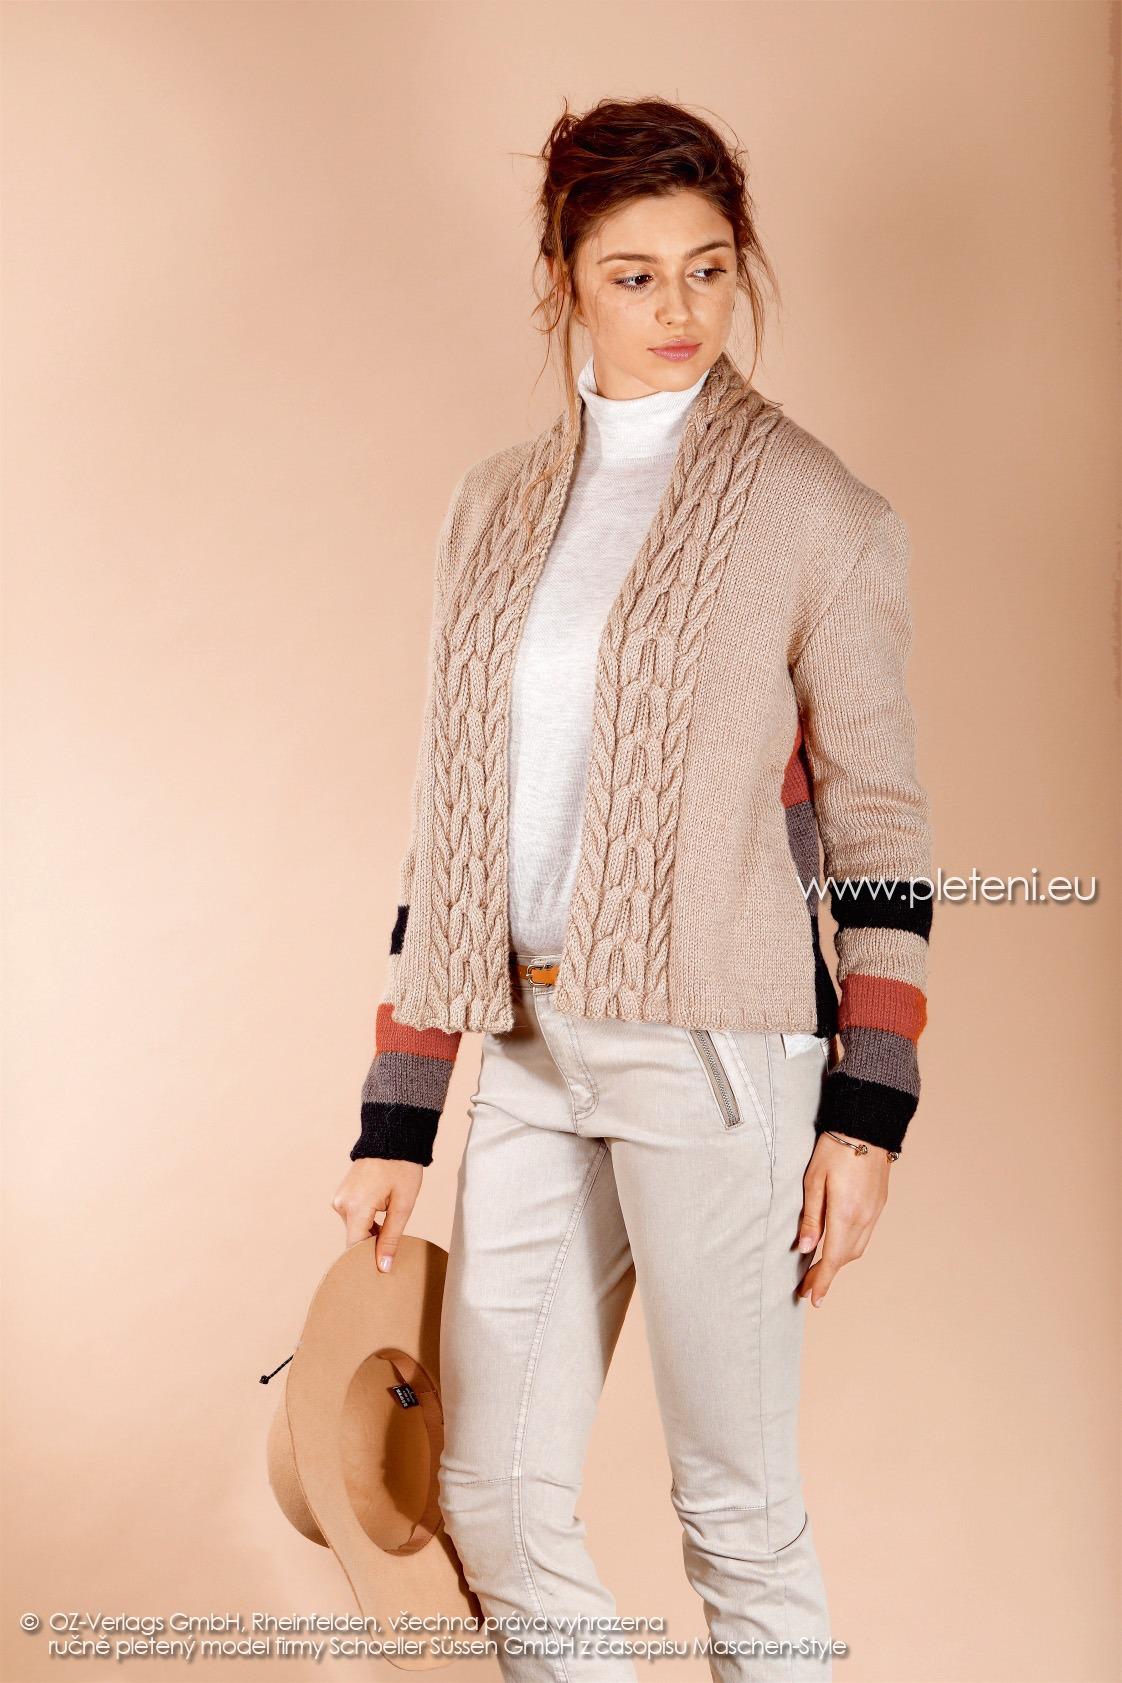 2017-2018 model 27 dámský pletený kabátek (přední pohled) z příze Almeria firmy Schoeller